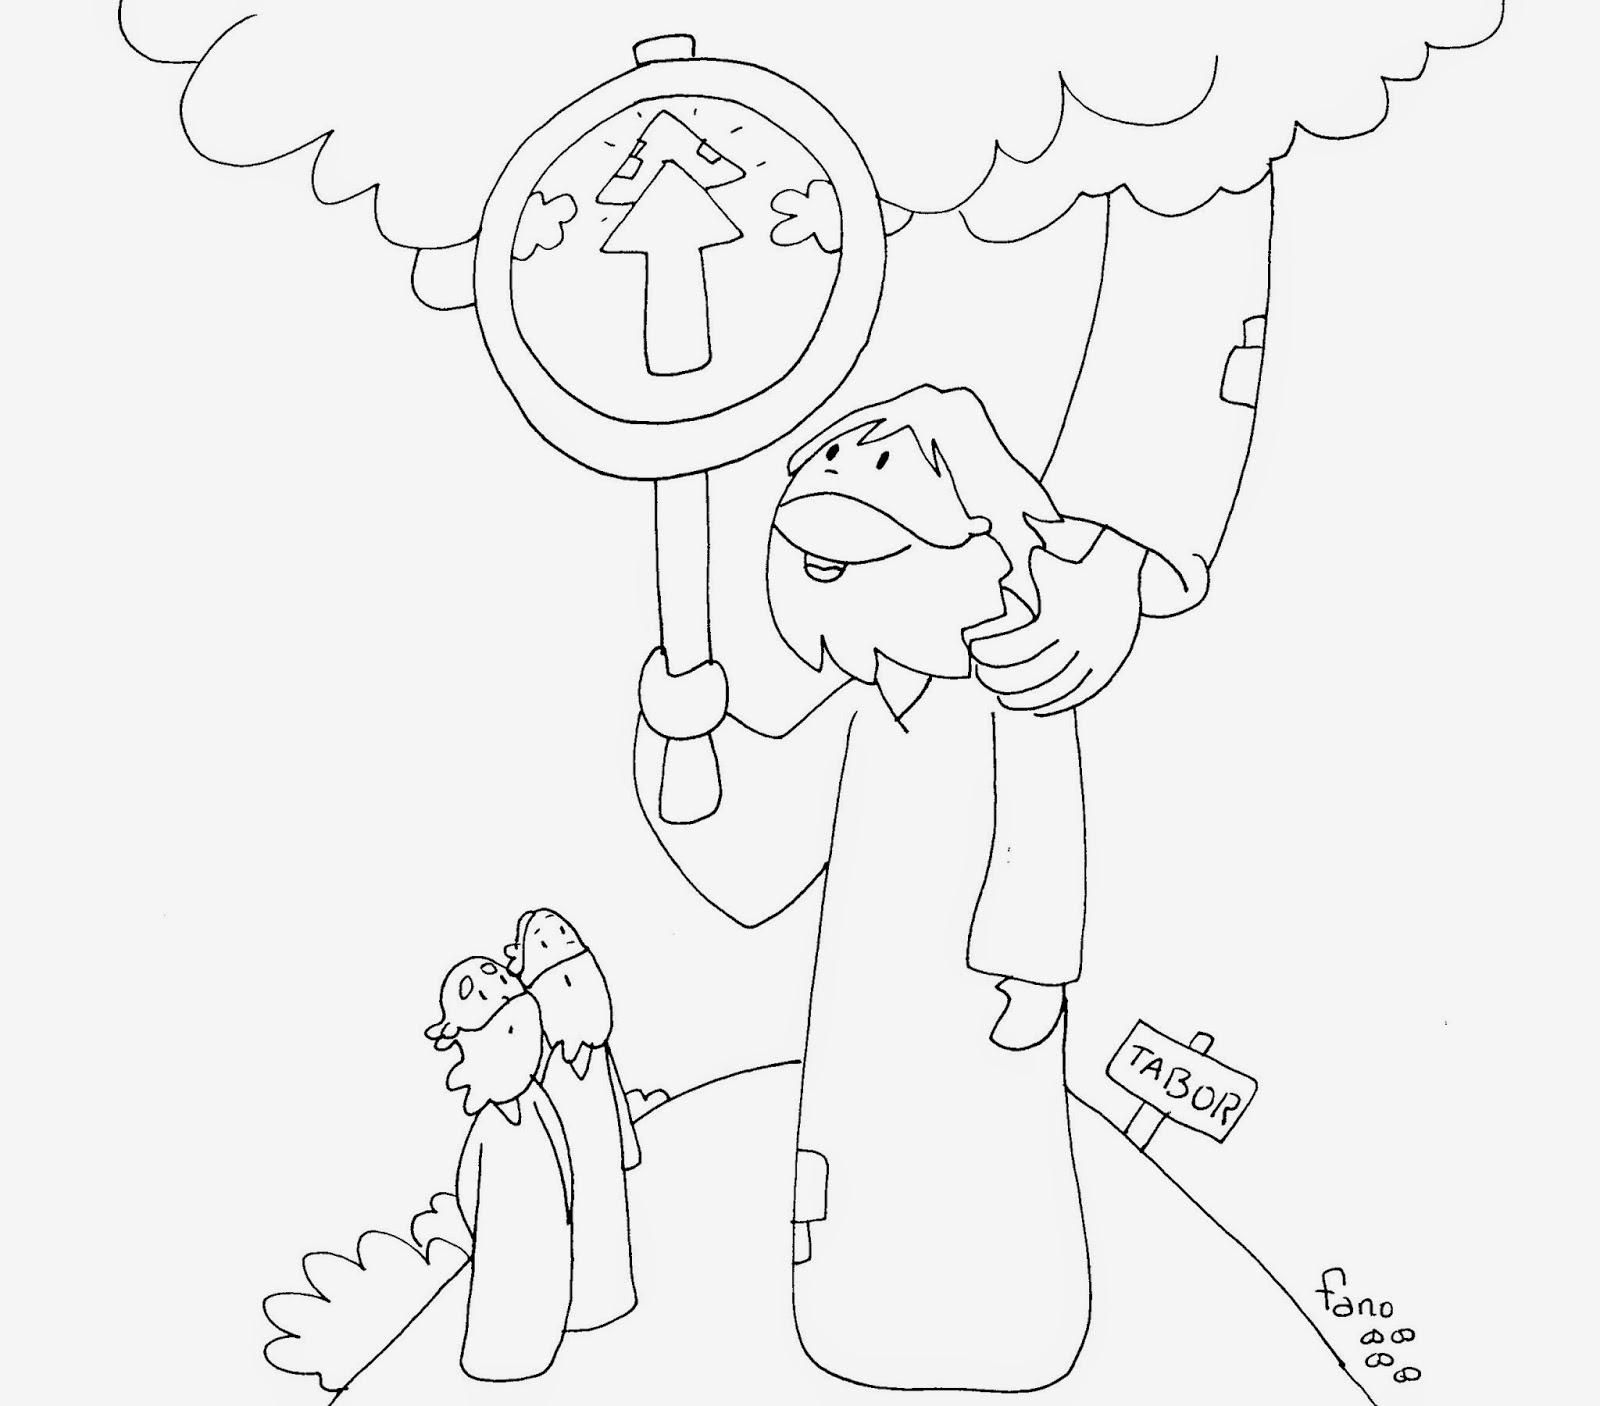 La Catequesis (El blog de Sandra): Nuevo Dibujo de Fano Segundo ...